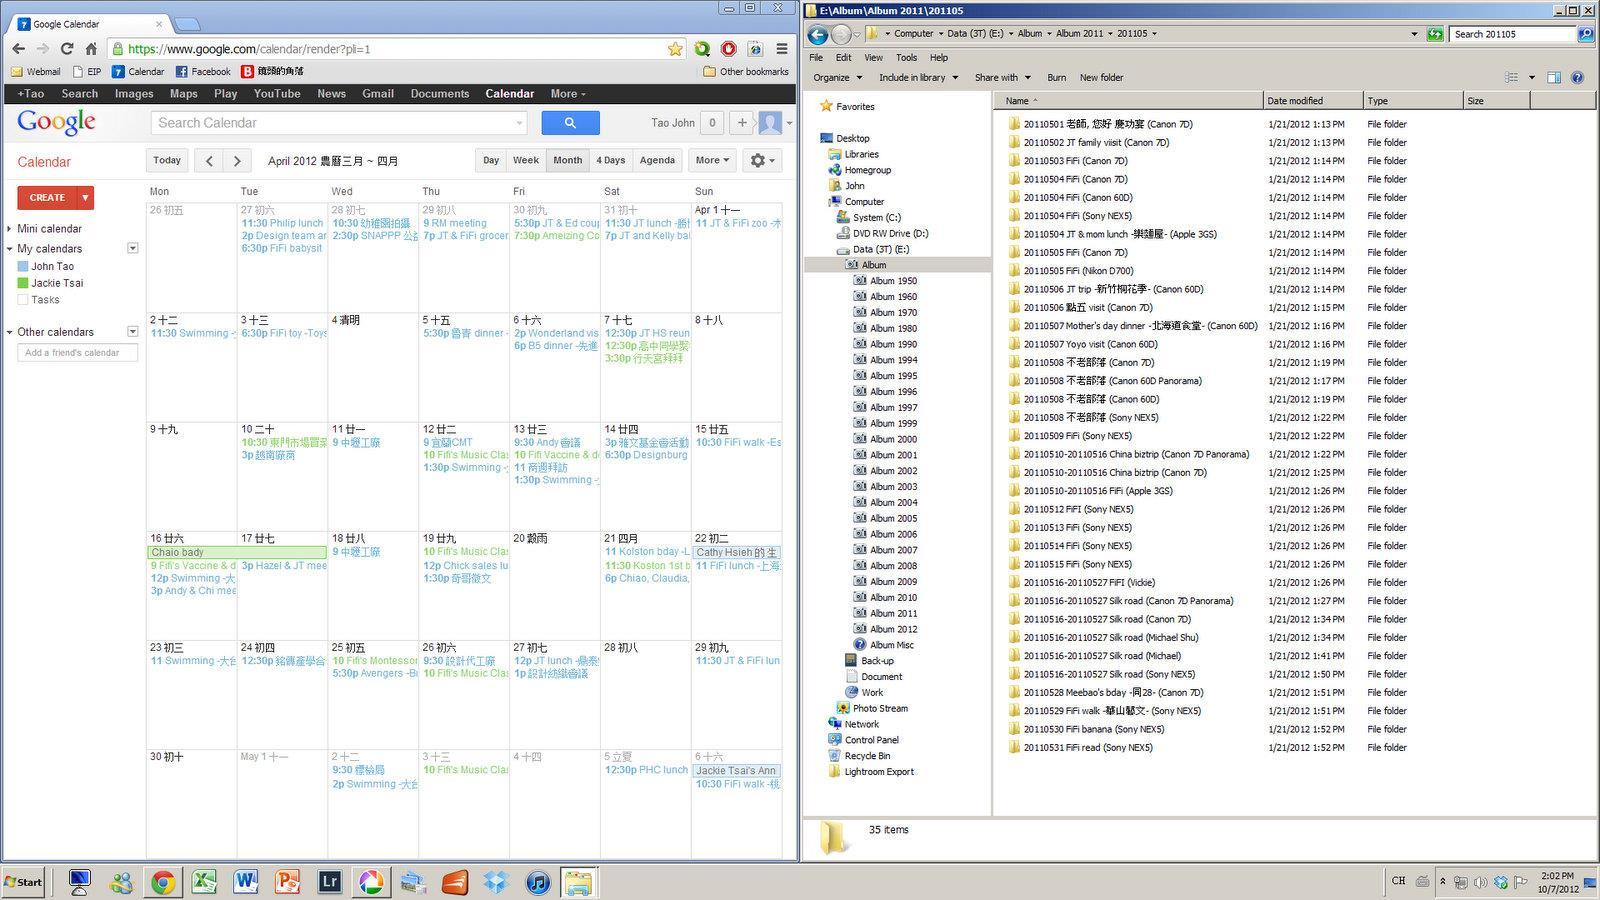 維持良好的行事曆與資料歸檔習慣